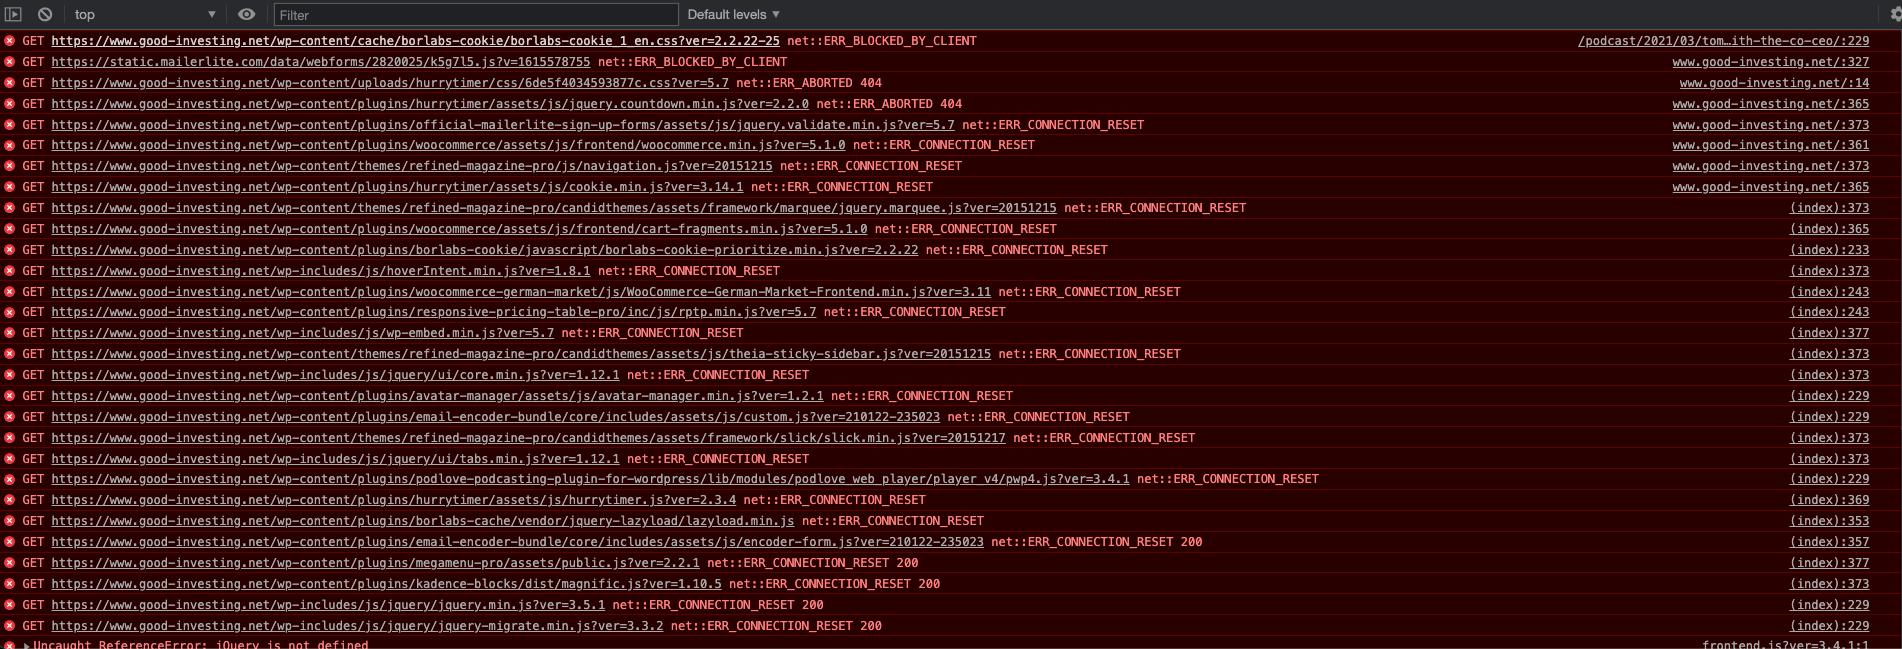 Screenshot 2021-03-13 at 15.33.41